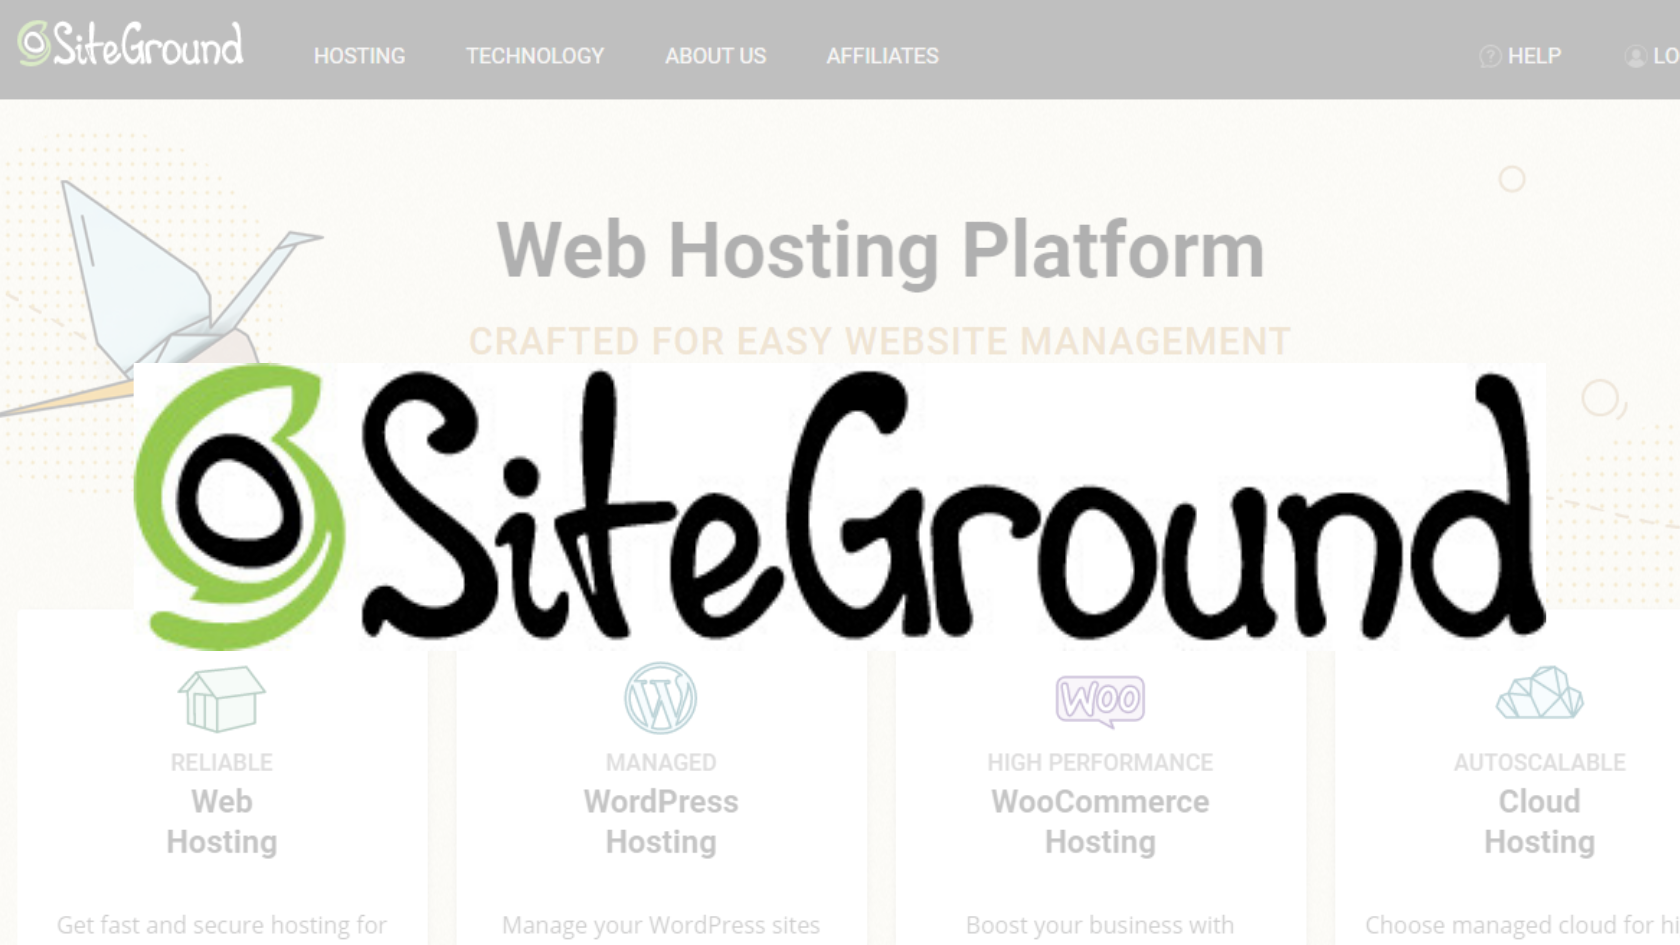 Perché ho scelto siteground per il mio webhost